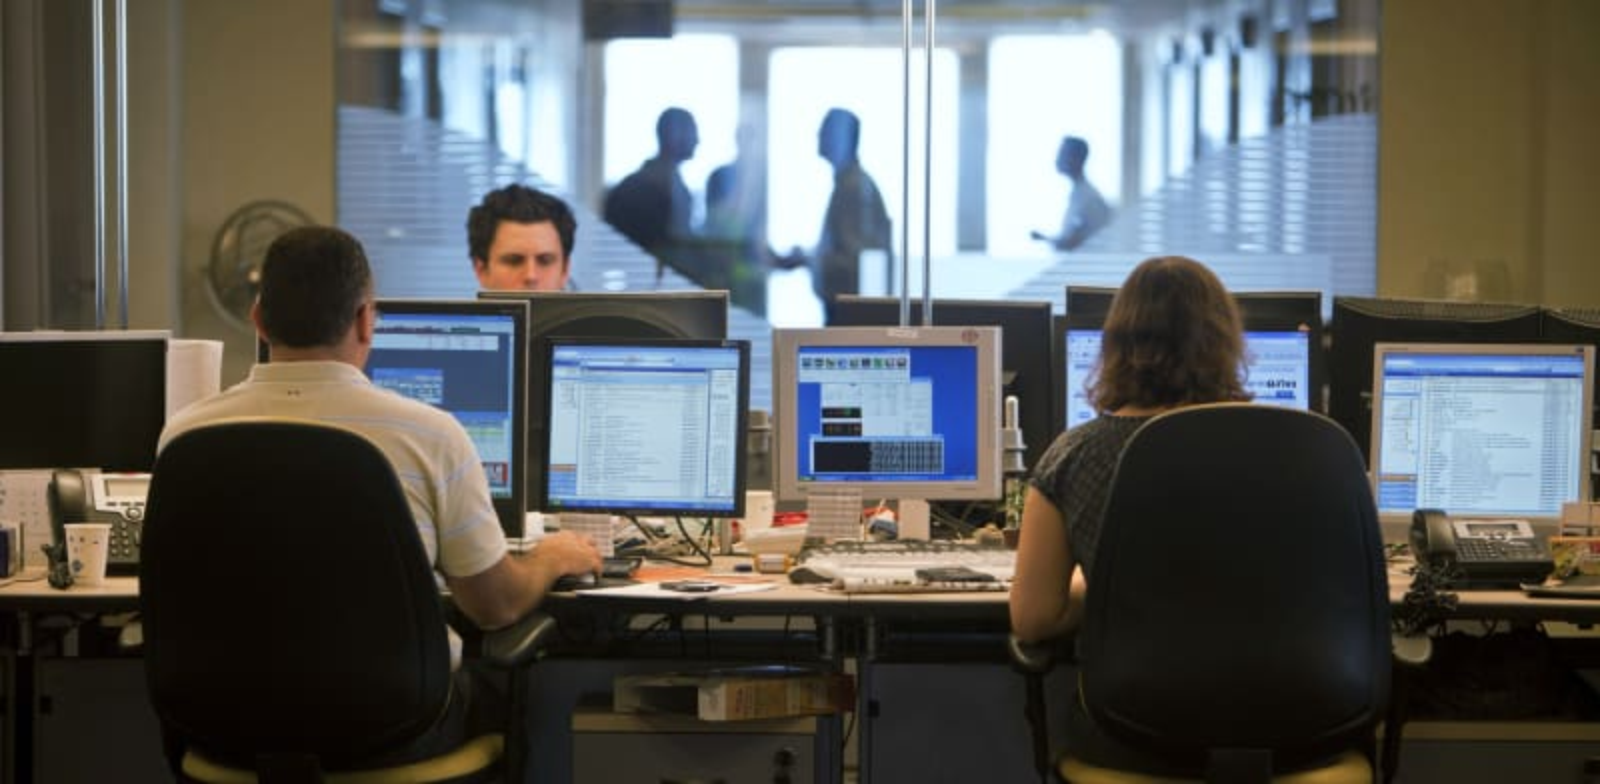 """חדר עסקאות בני""""ע של אחד הבנקים בישראל / צילום: Reuters, NIR ELIAS"""